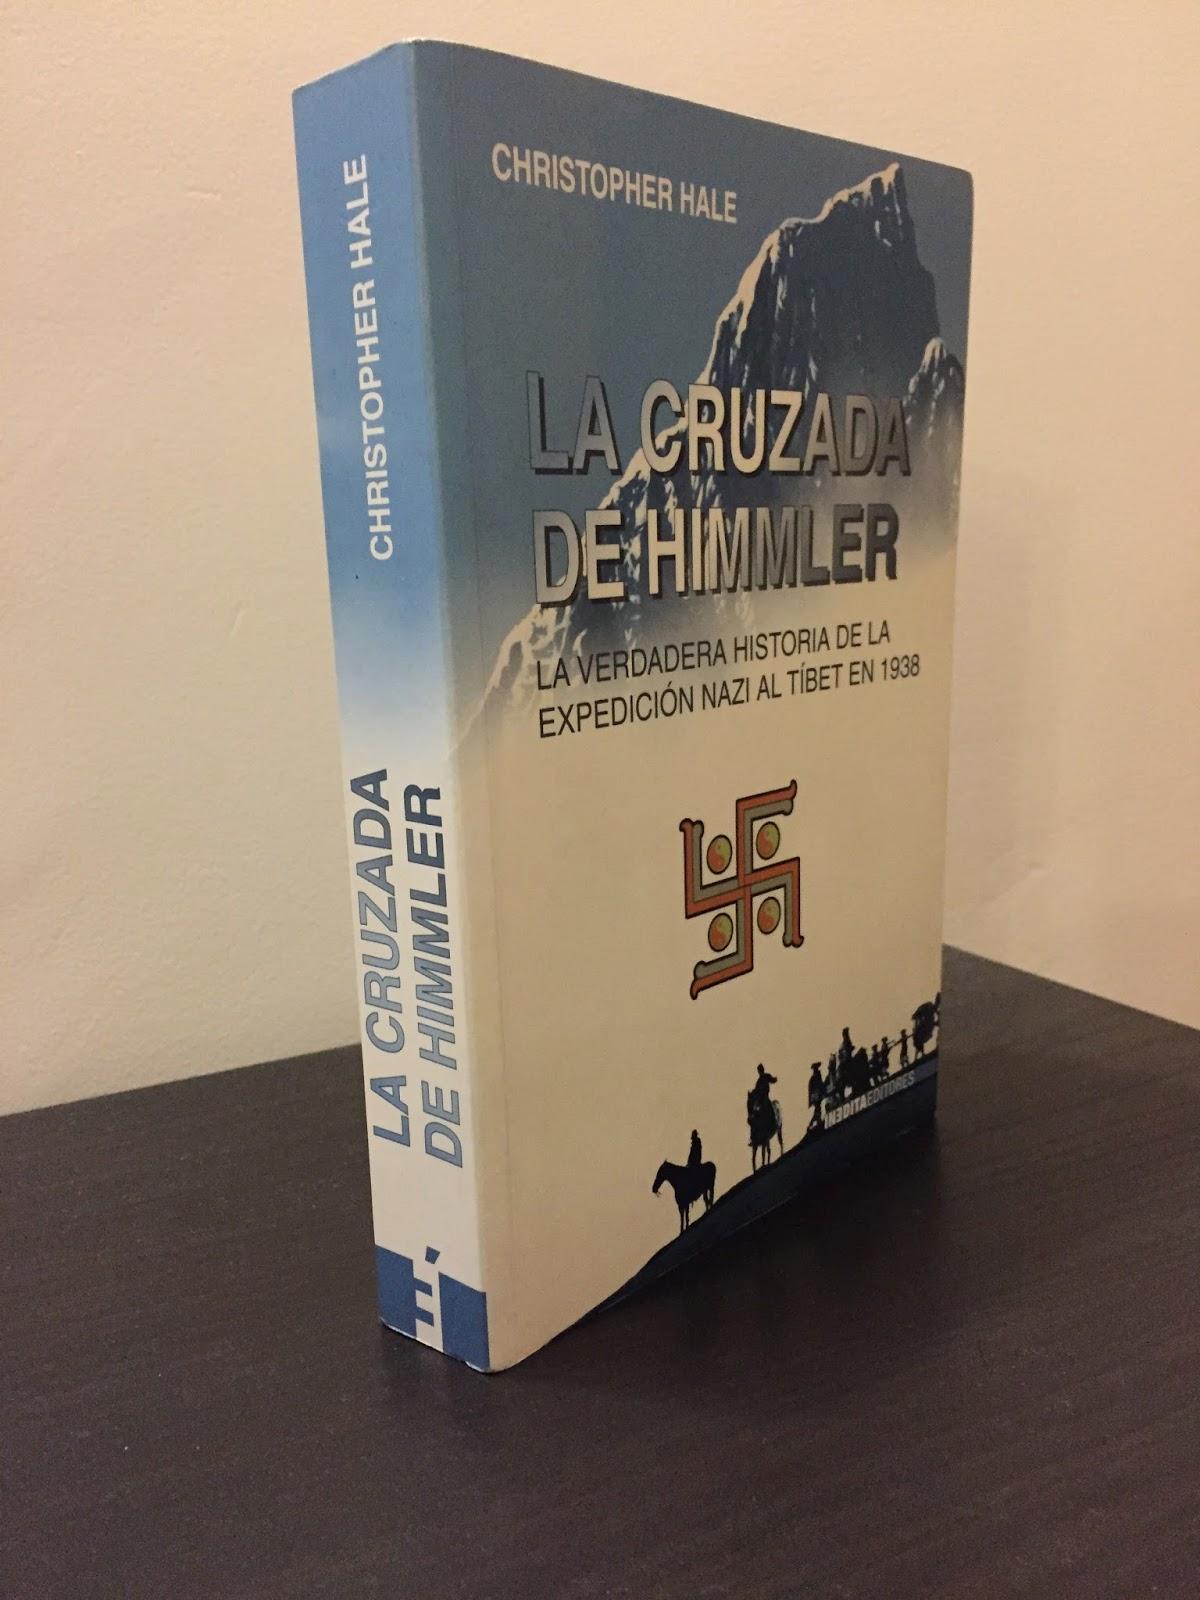 Libros bélicos, Segunda Guerra Mundial, Himmler, Nazis